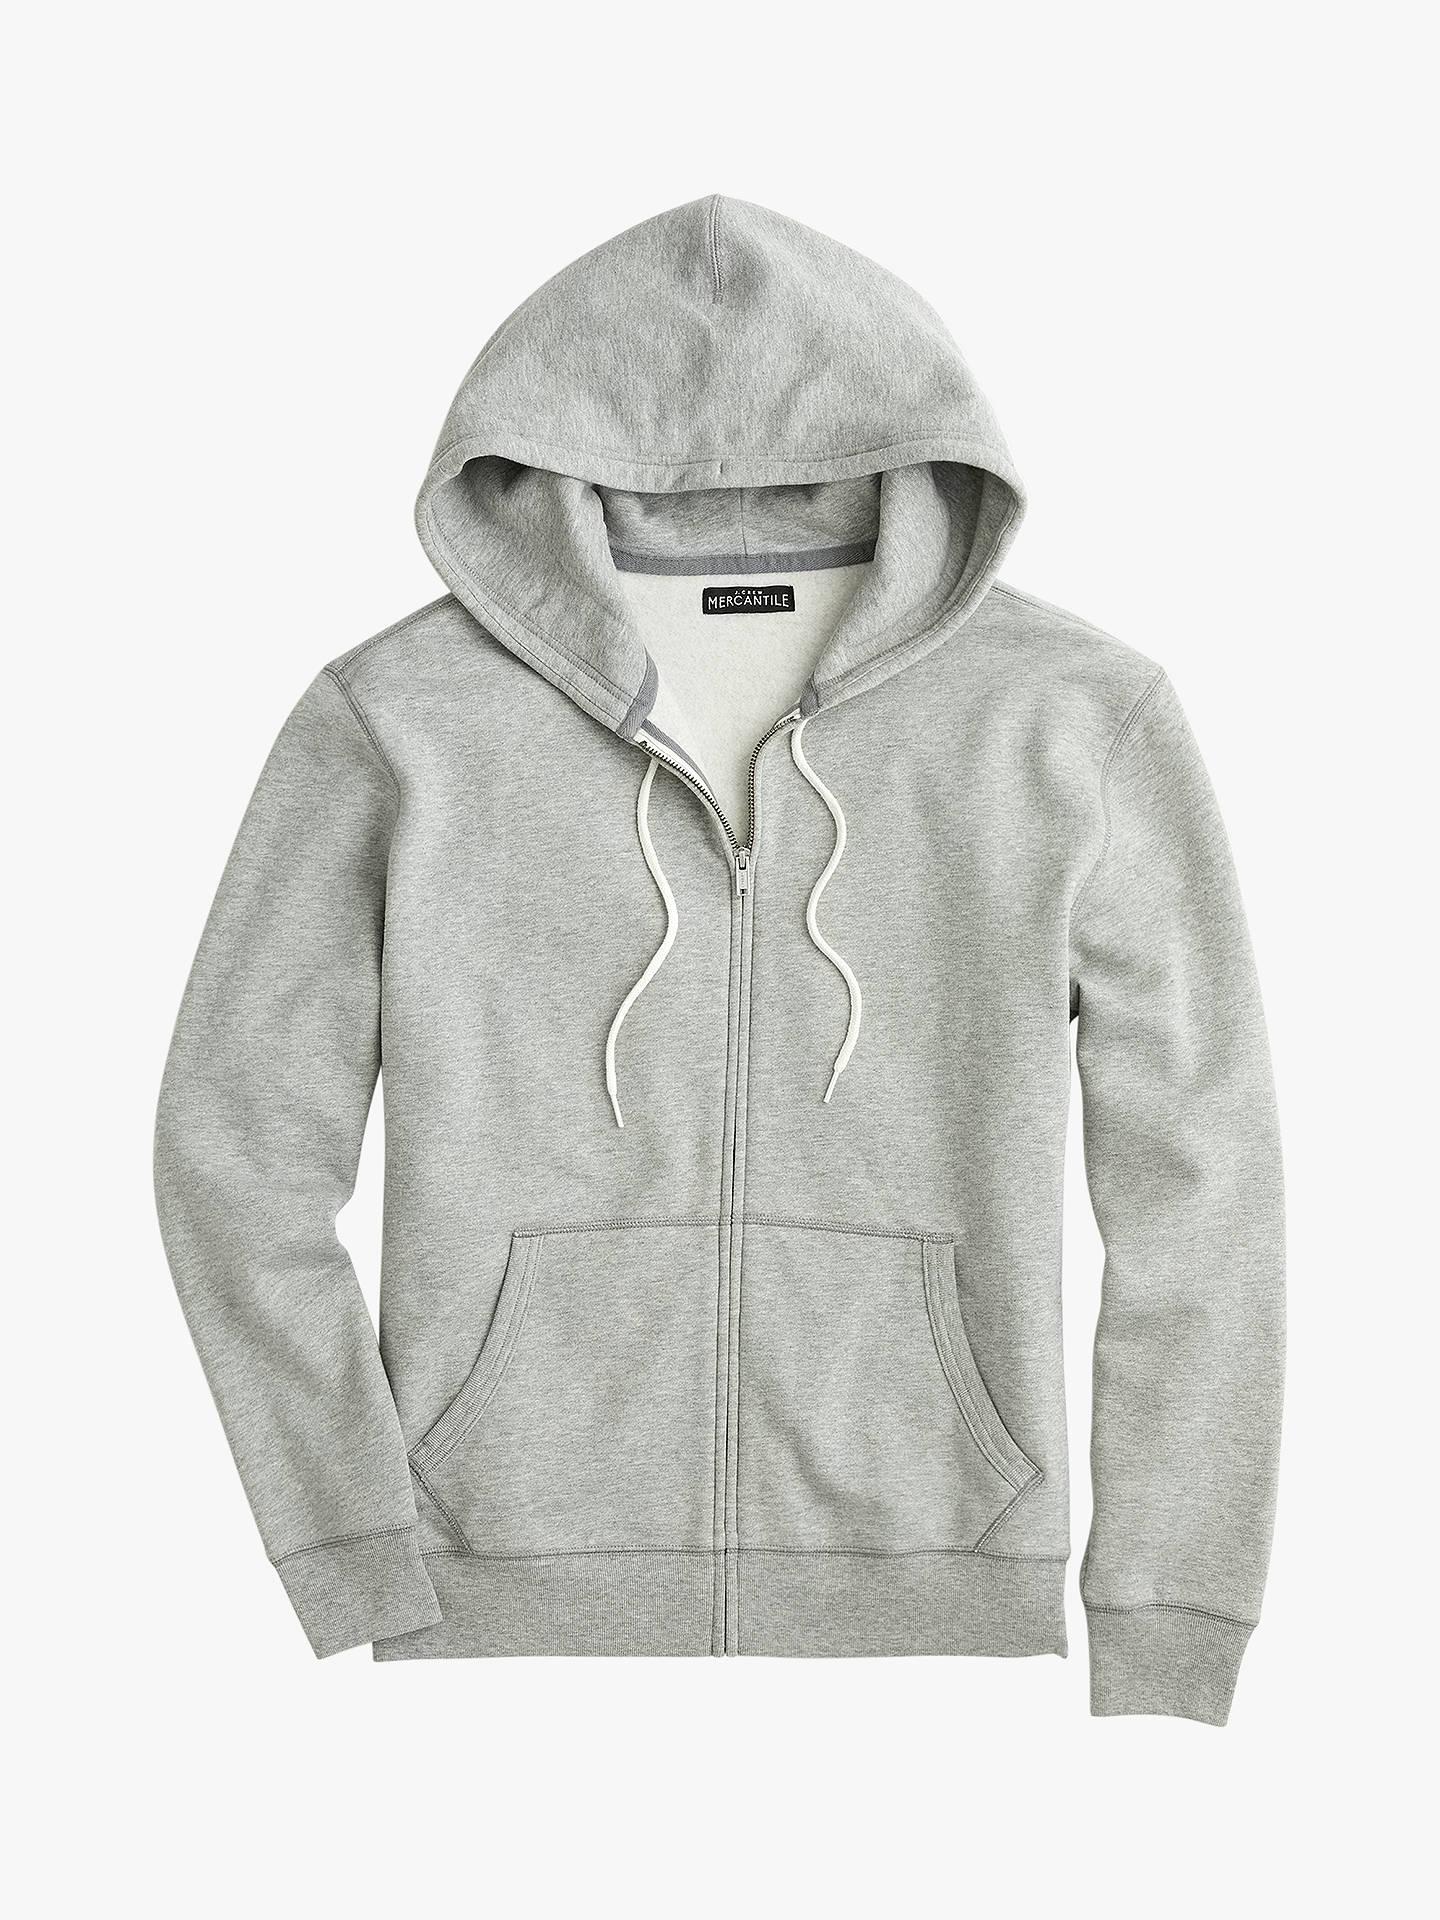 14ecedf08 Buy J.Crew Brushed Fleece Zip Sweatshirt, Heather Grey, L Online at  johnlewis